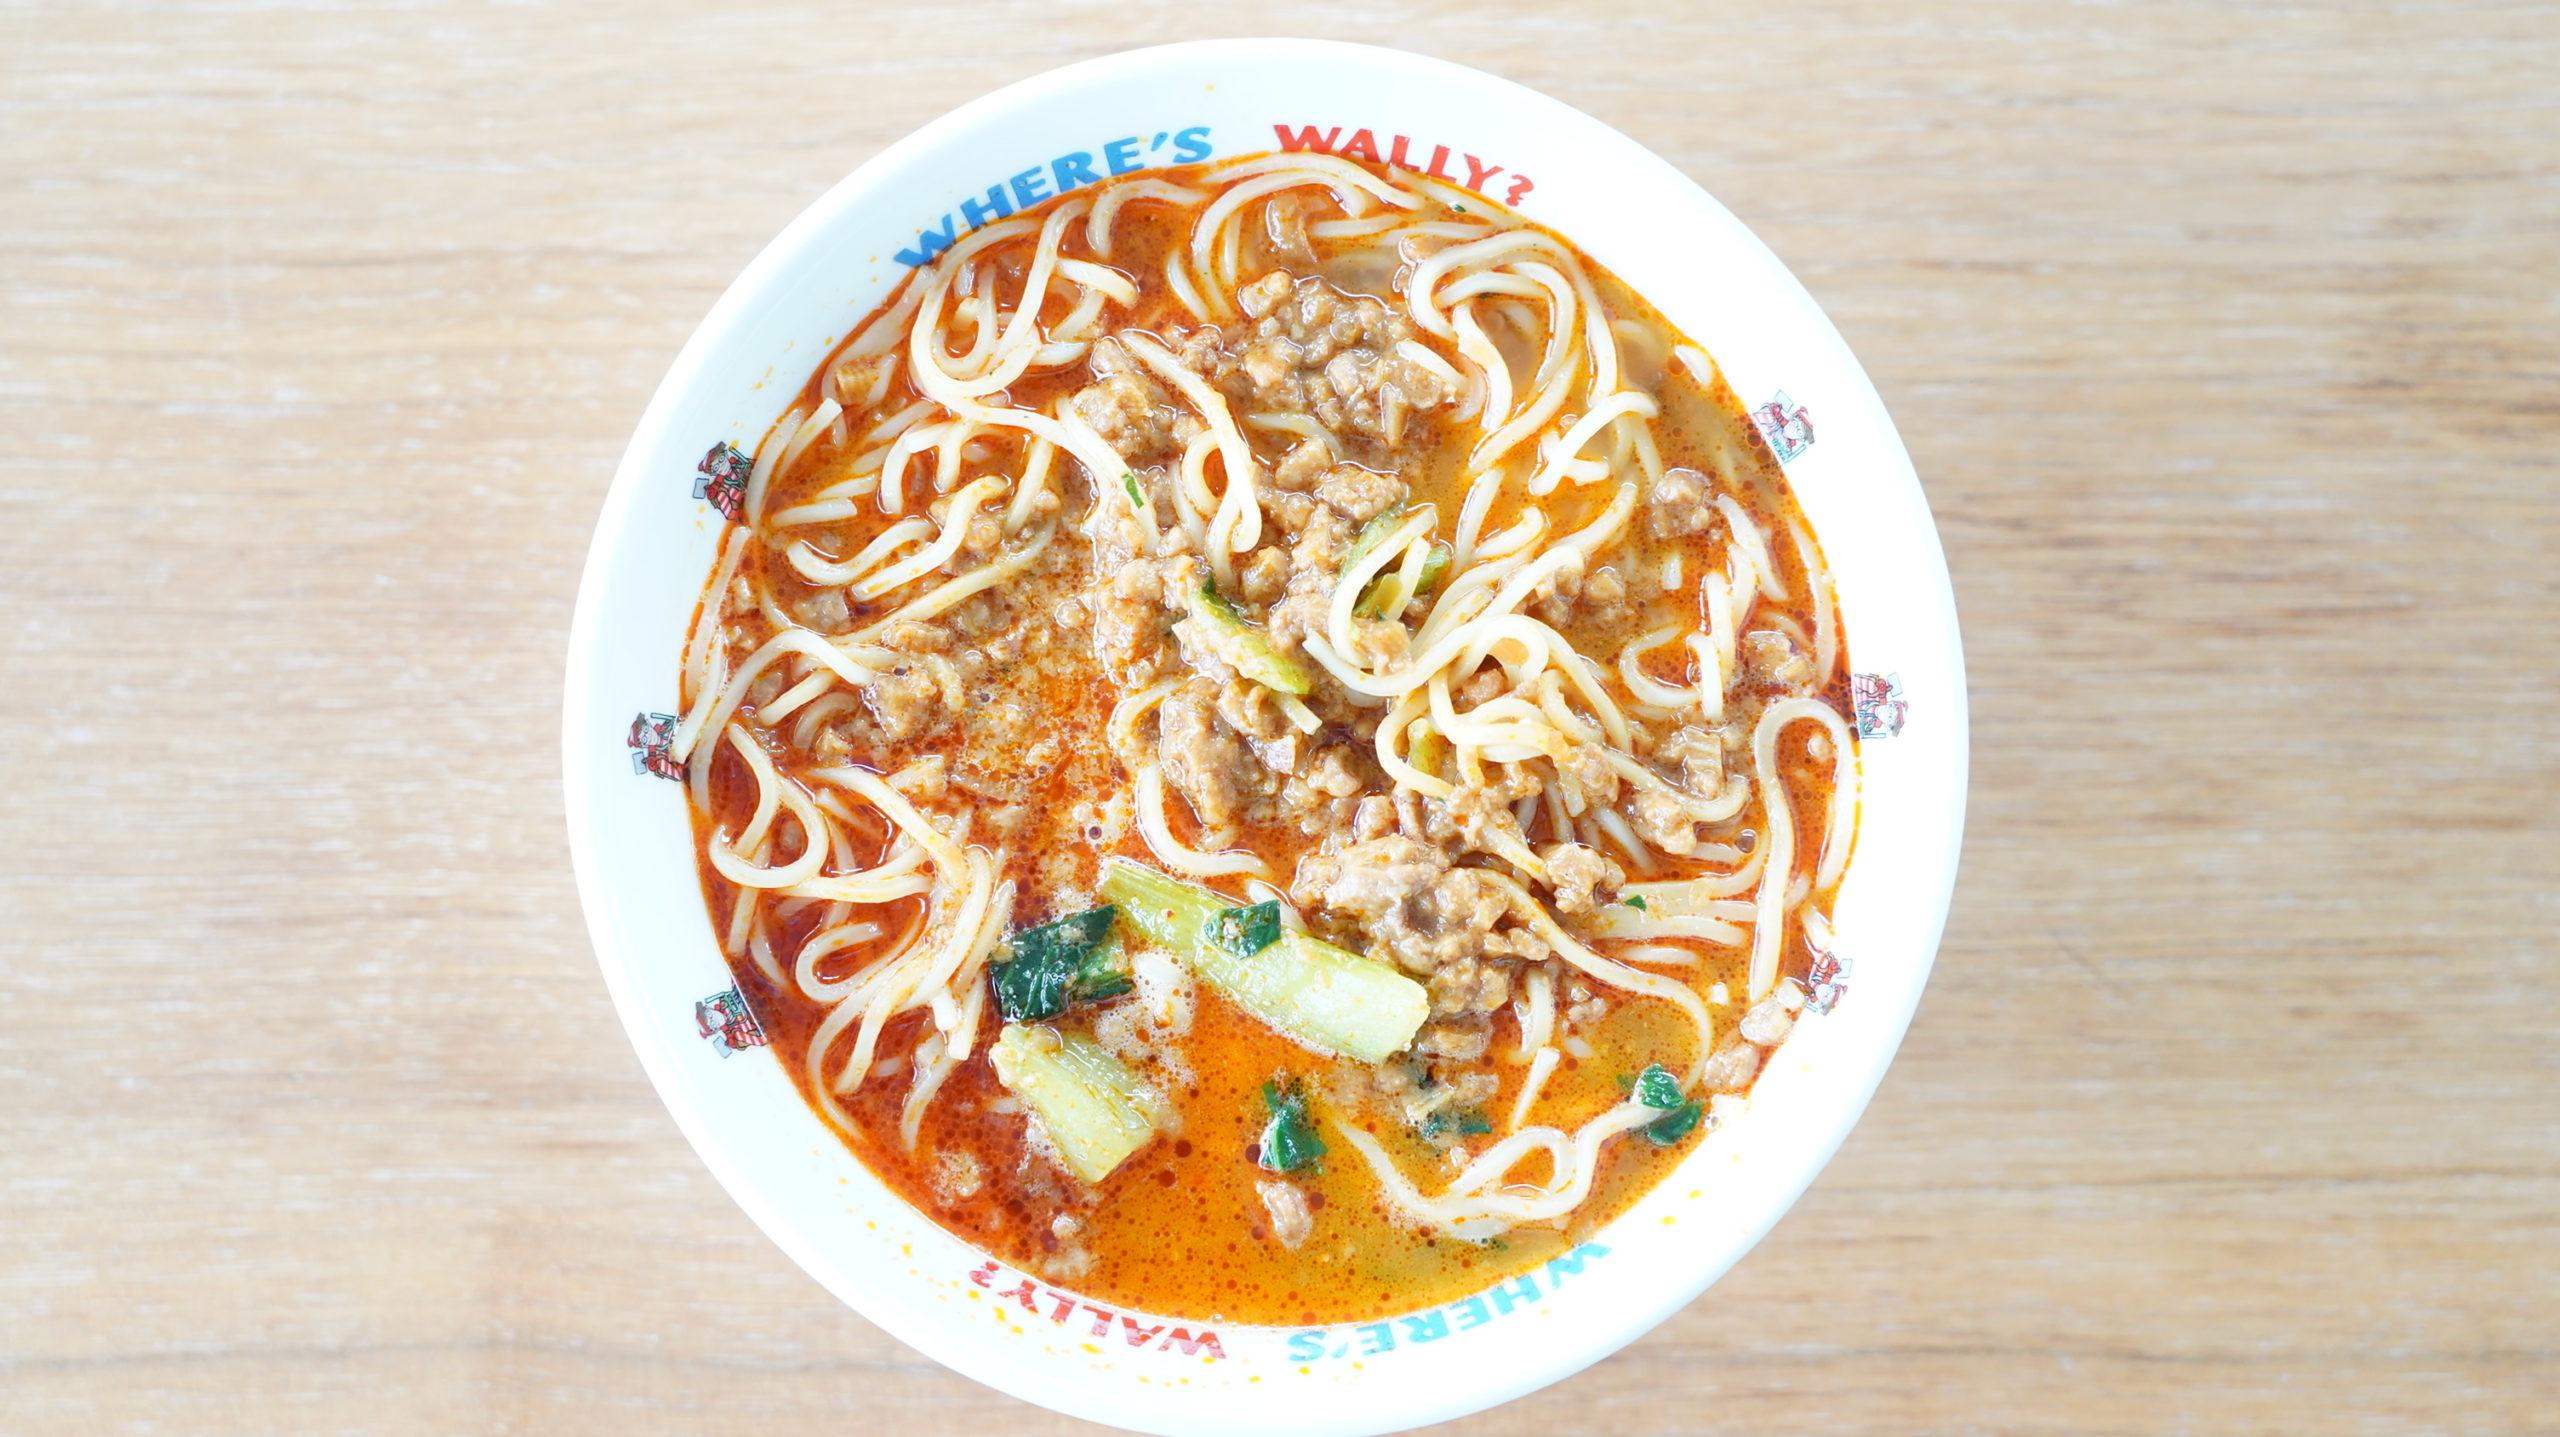 セブンイレブンの冷凍食品「胡麻が濃厚な坦々麺」を上から撮影した写真